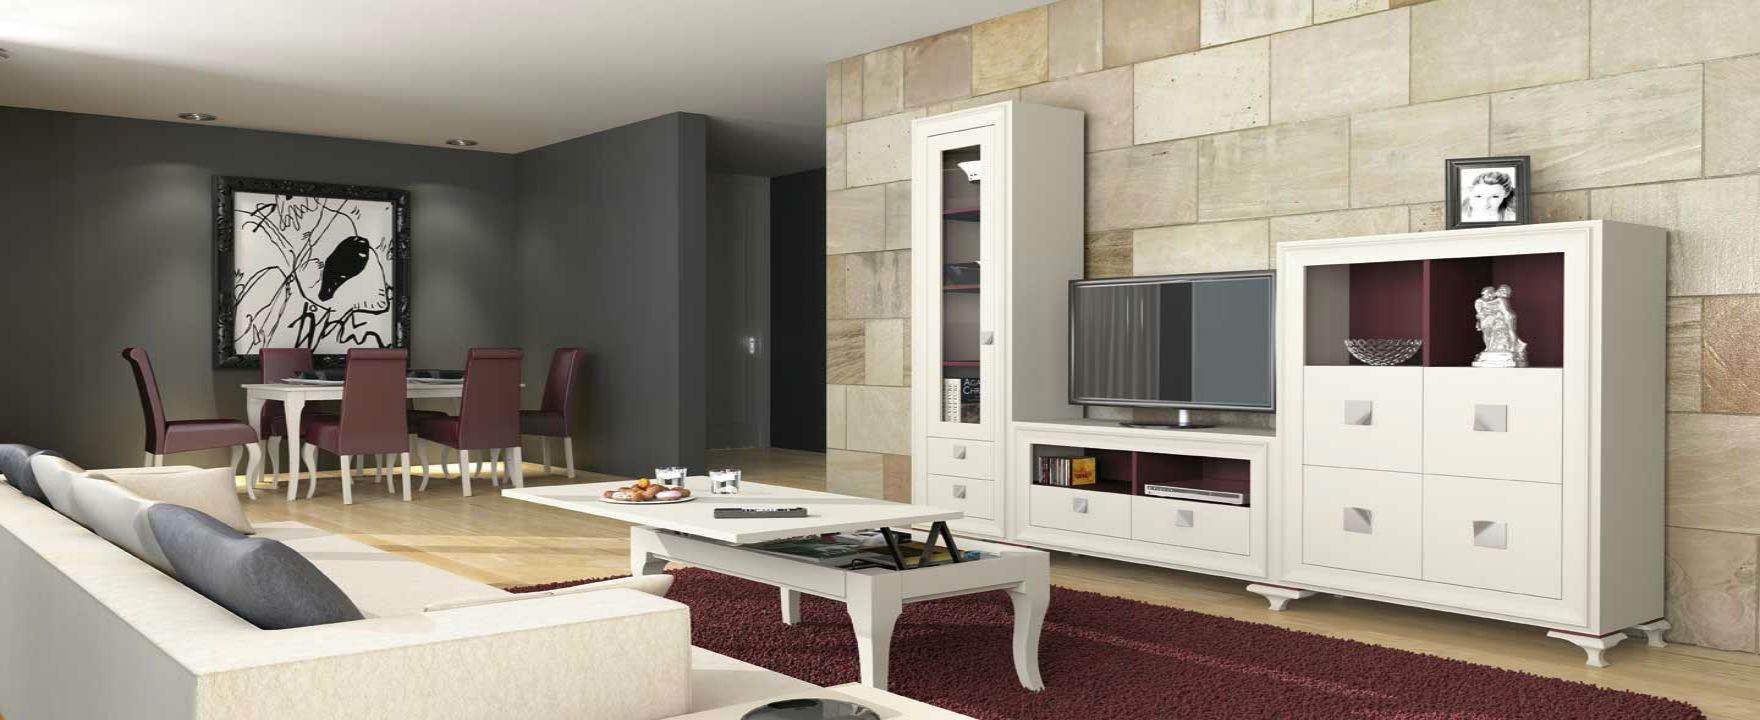 Muebles Paco Cervera, tienda de muebles en valencia, venta ...